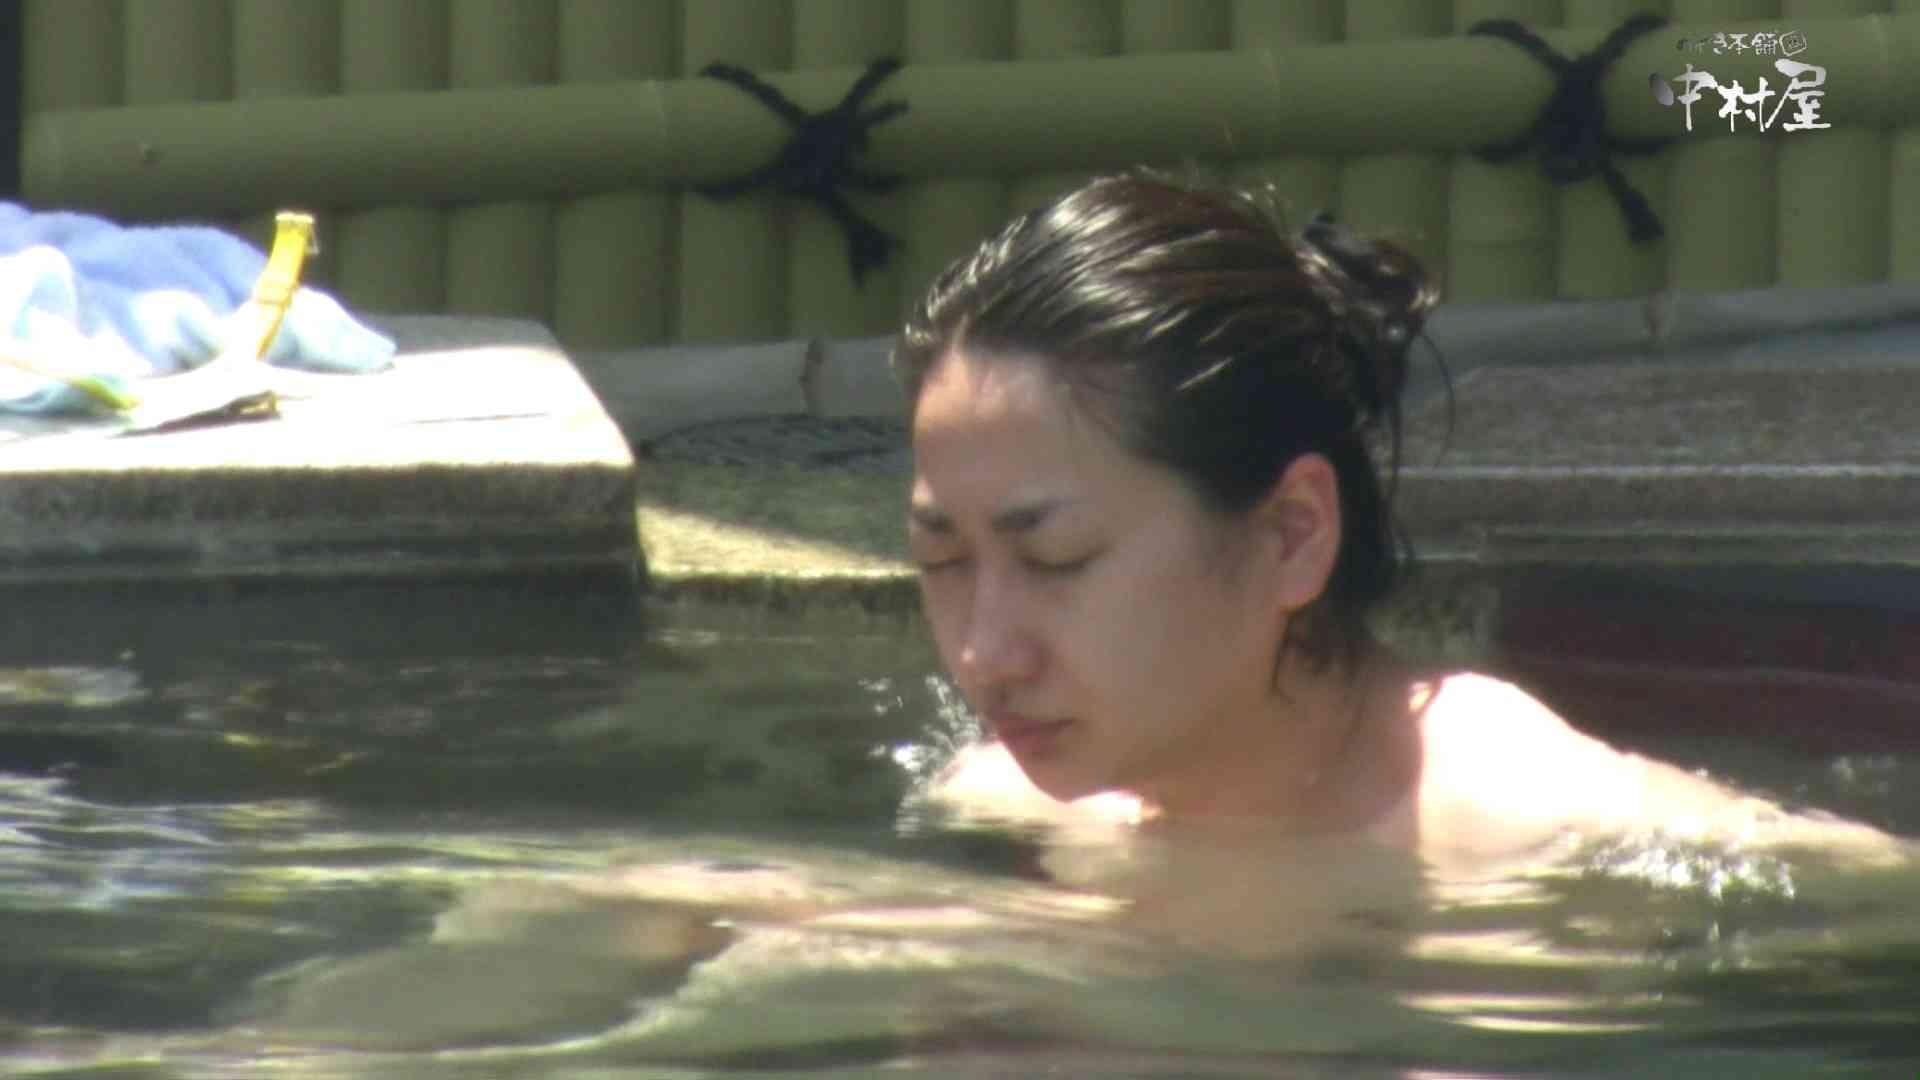 Aquaな露天風呂Vol.888 いやらしいOL オマンコ動画キャプチャ 85連発 59